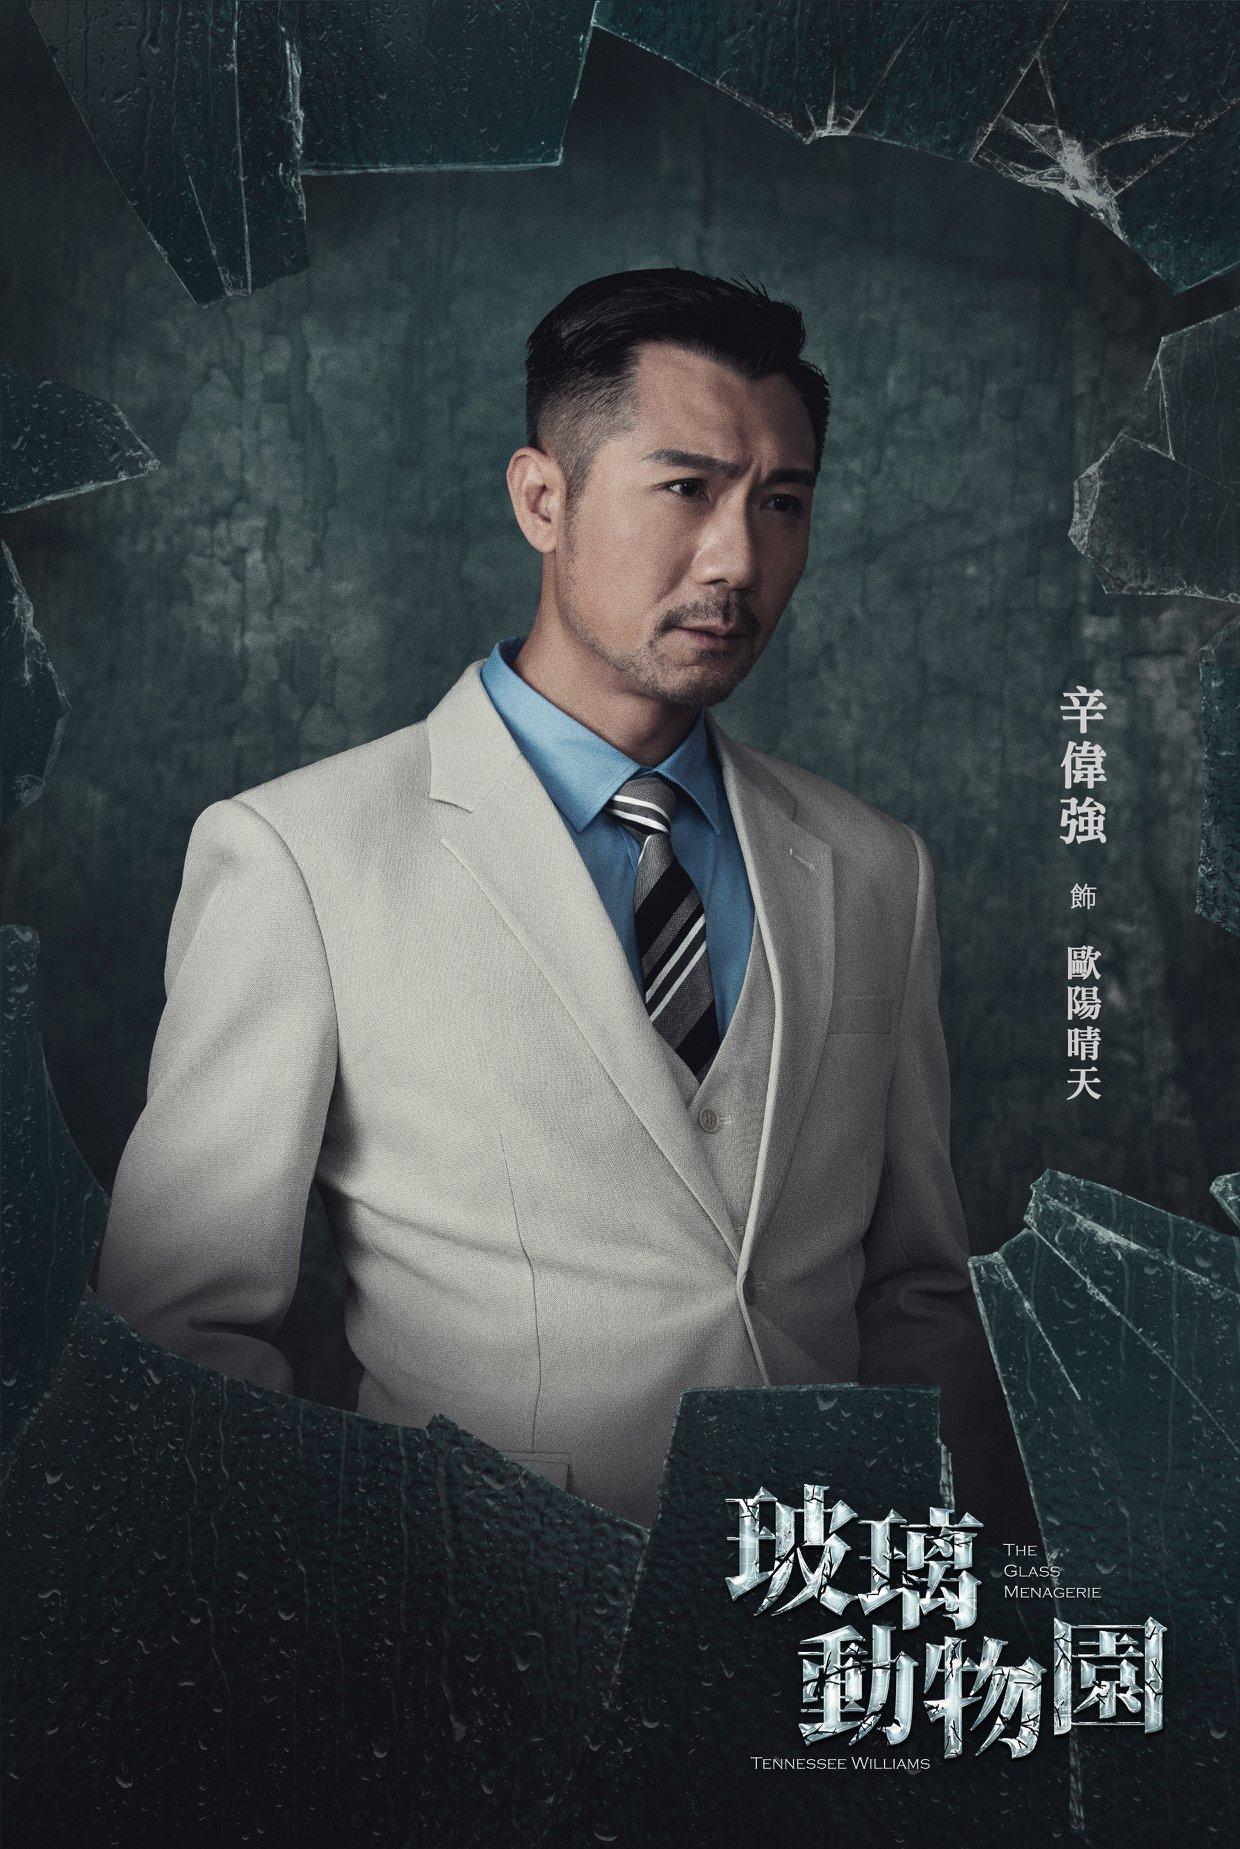 The Glass Menagerie. 辛偉強 Sun Wai Keung. Hong Kong. 2018